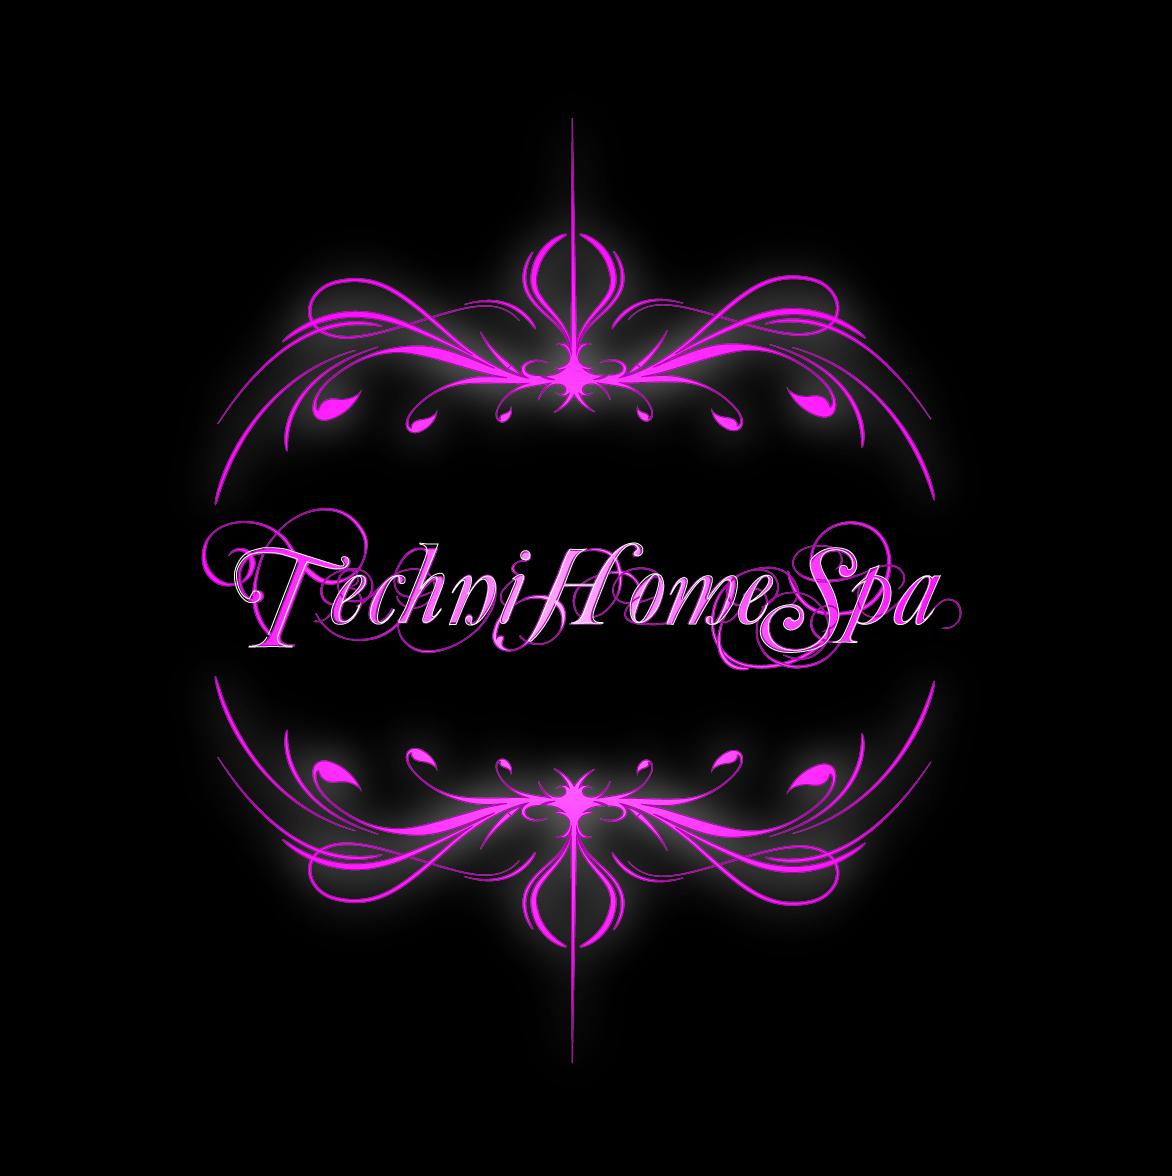 TechniHomeSpa